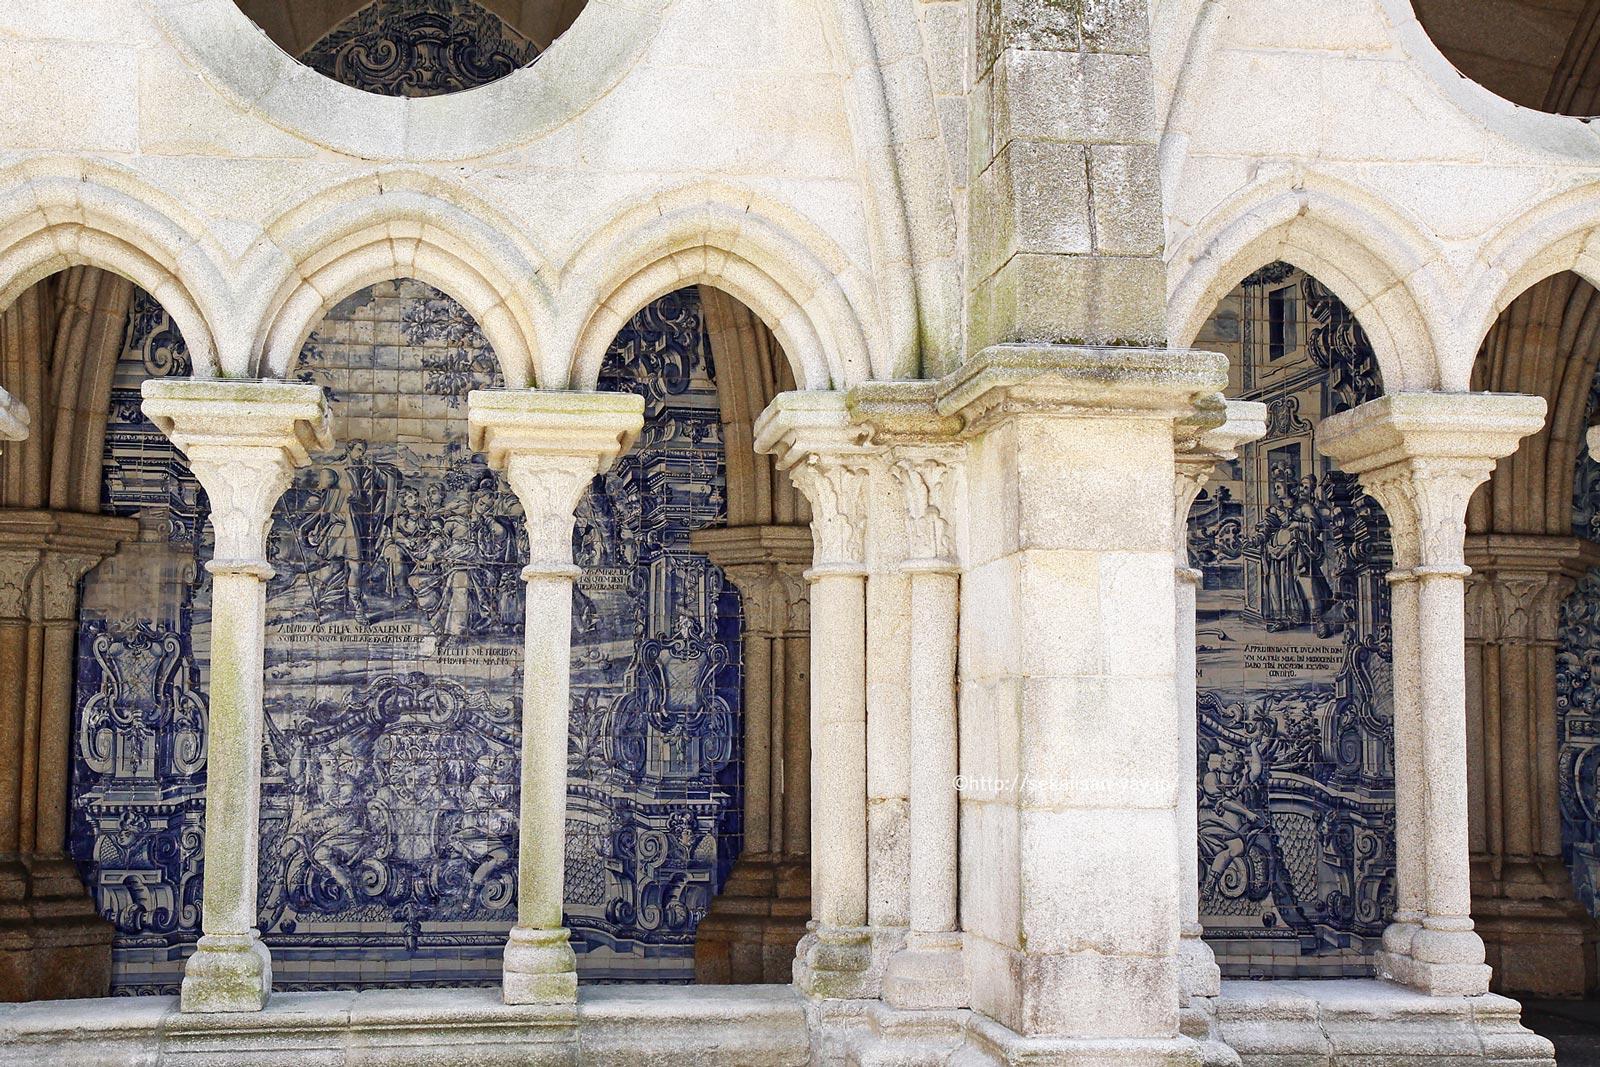 ポルトガル「ポルト歴史地区、ルイス1世橋およびセラ・ド・ピラール修道院 」